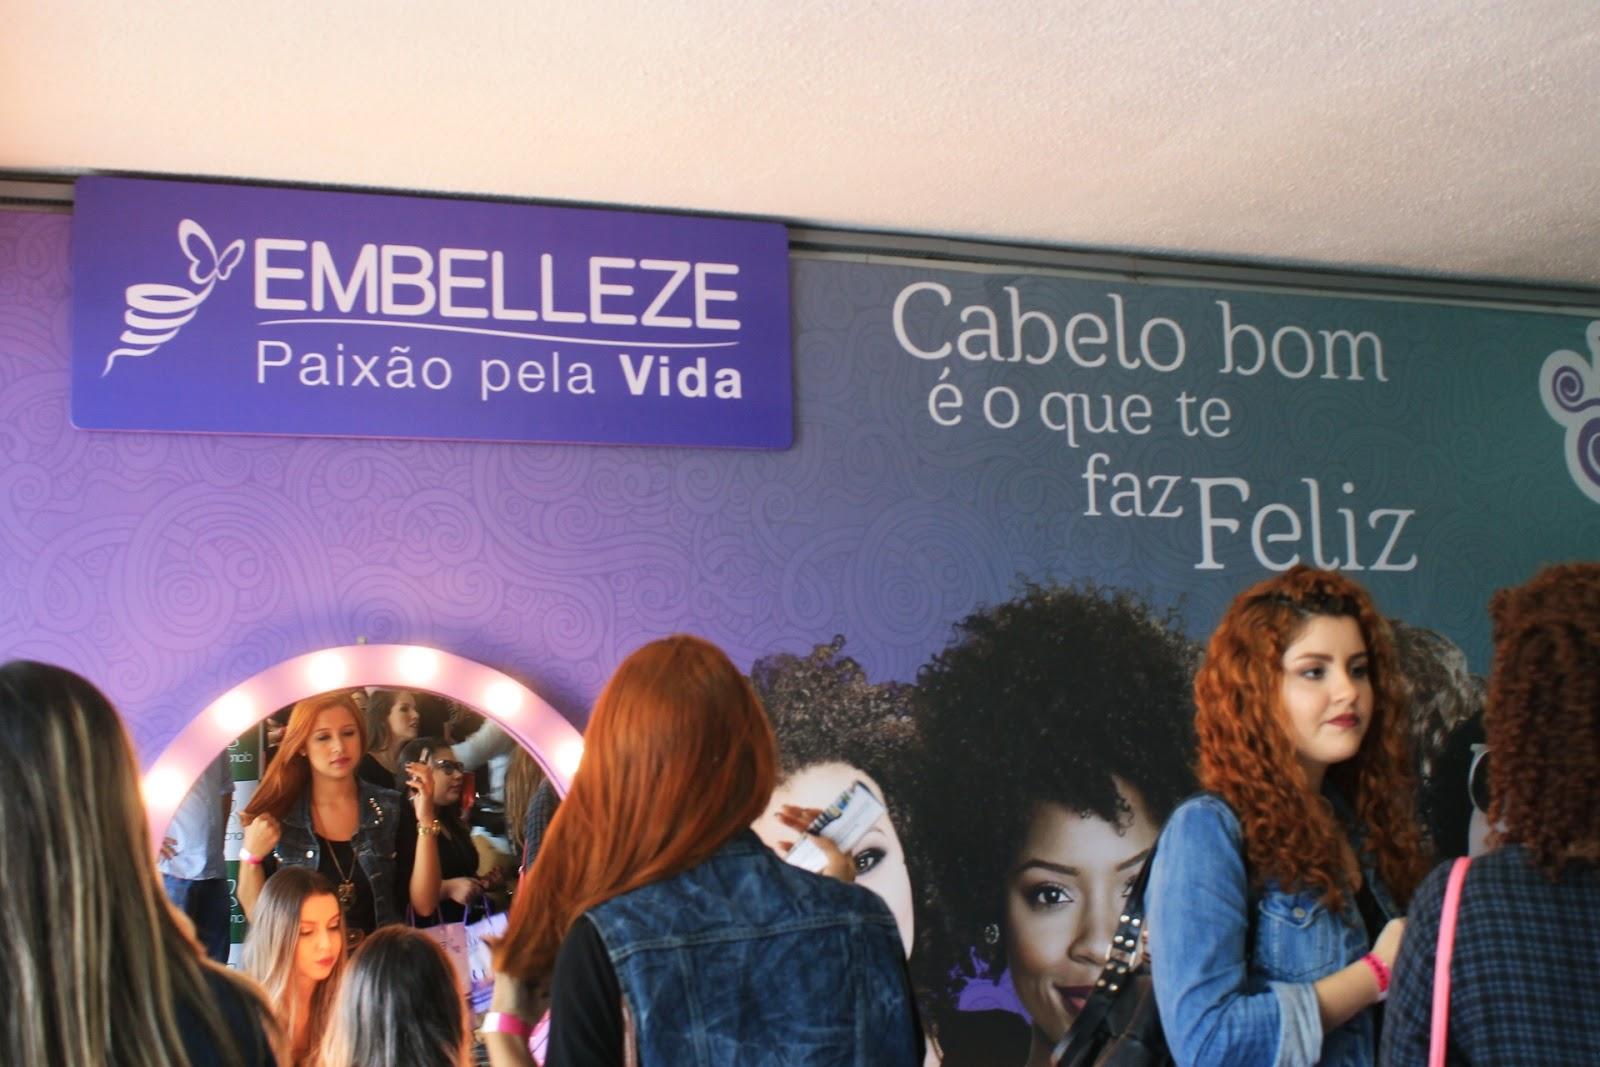 evento de blogueiras, ebsa, como foi o ebsa 6 , ebsa 2016, blogueiras participantes, marcas participantes, embelleze, ingrid gleize